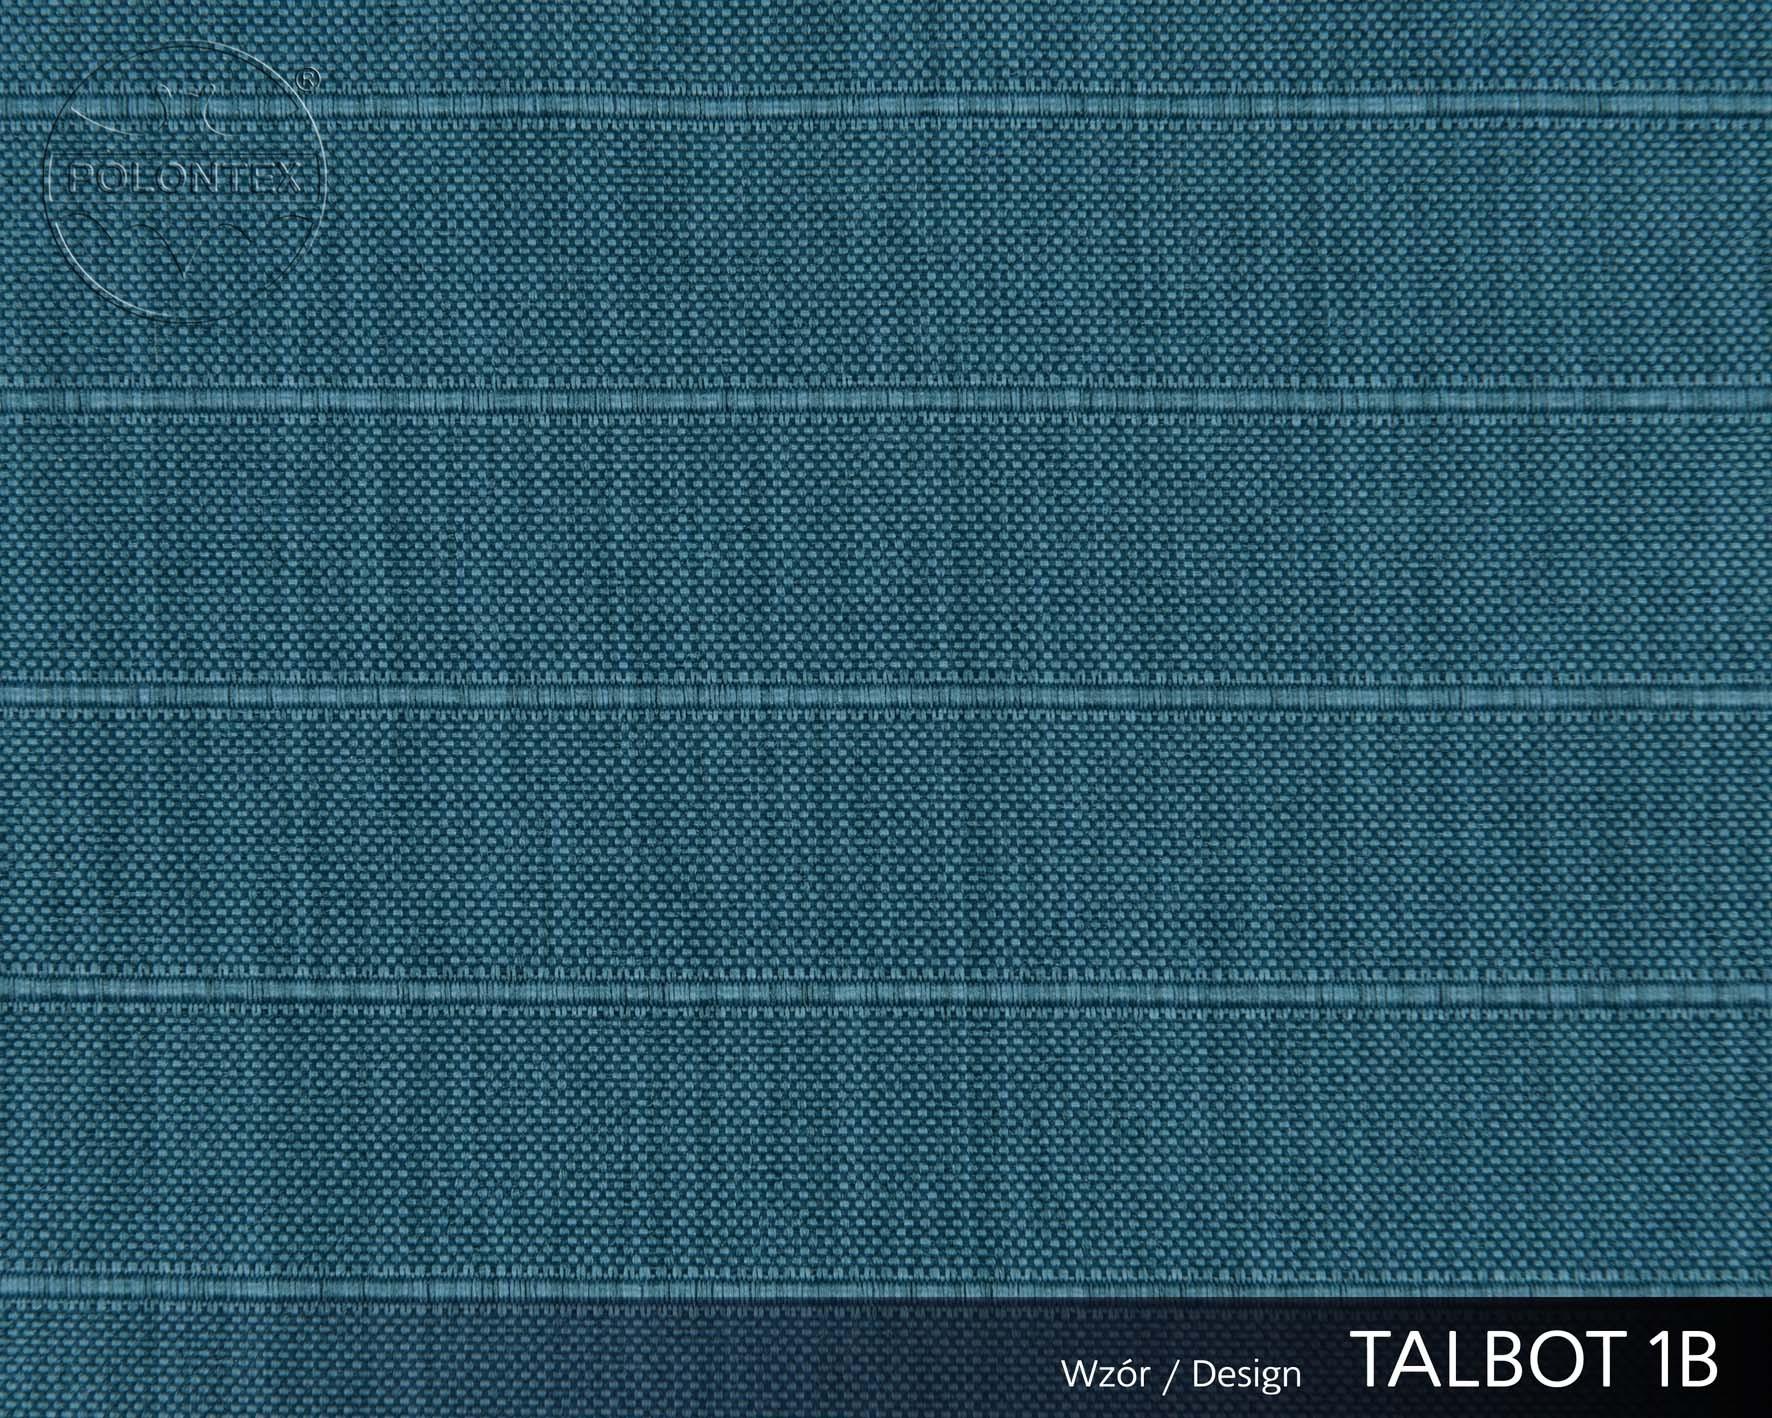 TALBOT 1B 5199